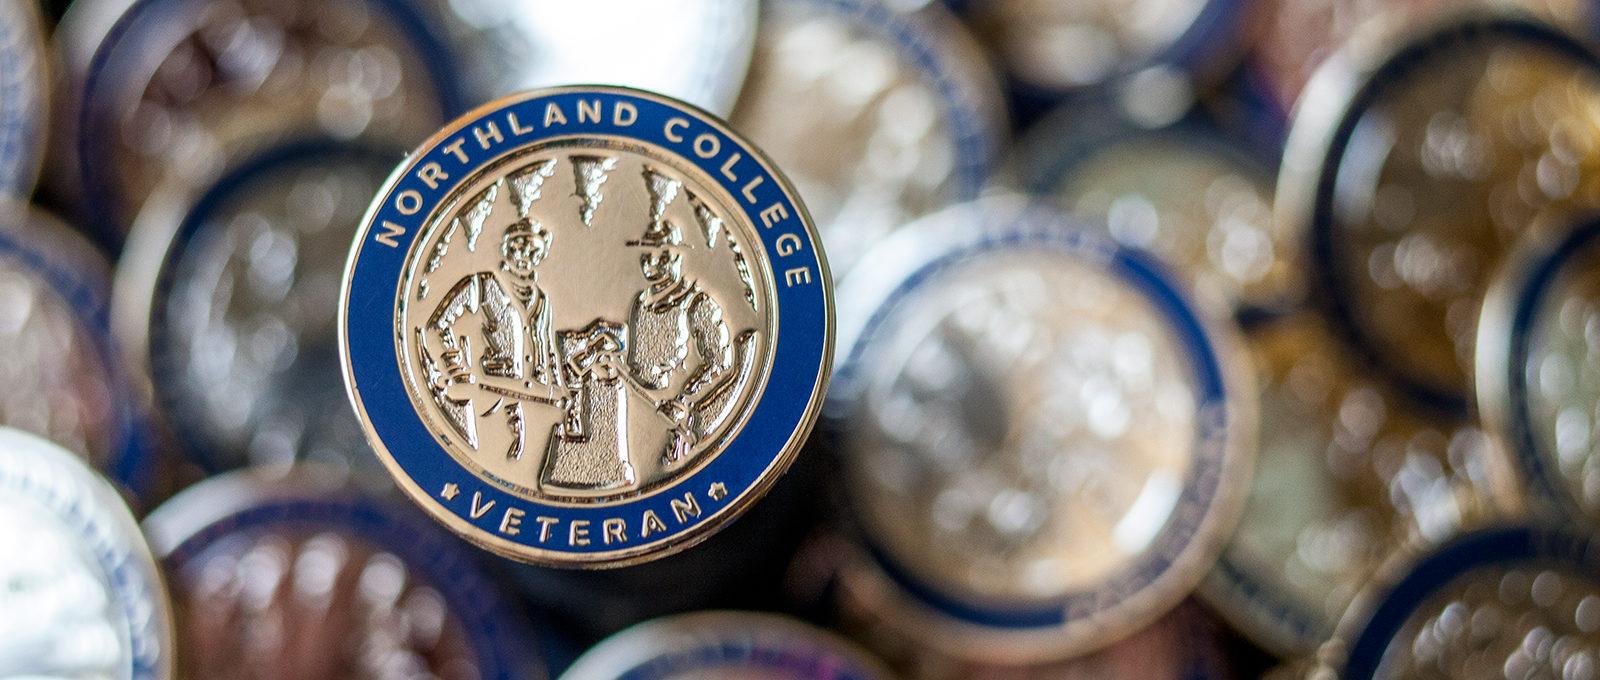 veteran pins